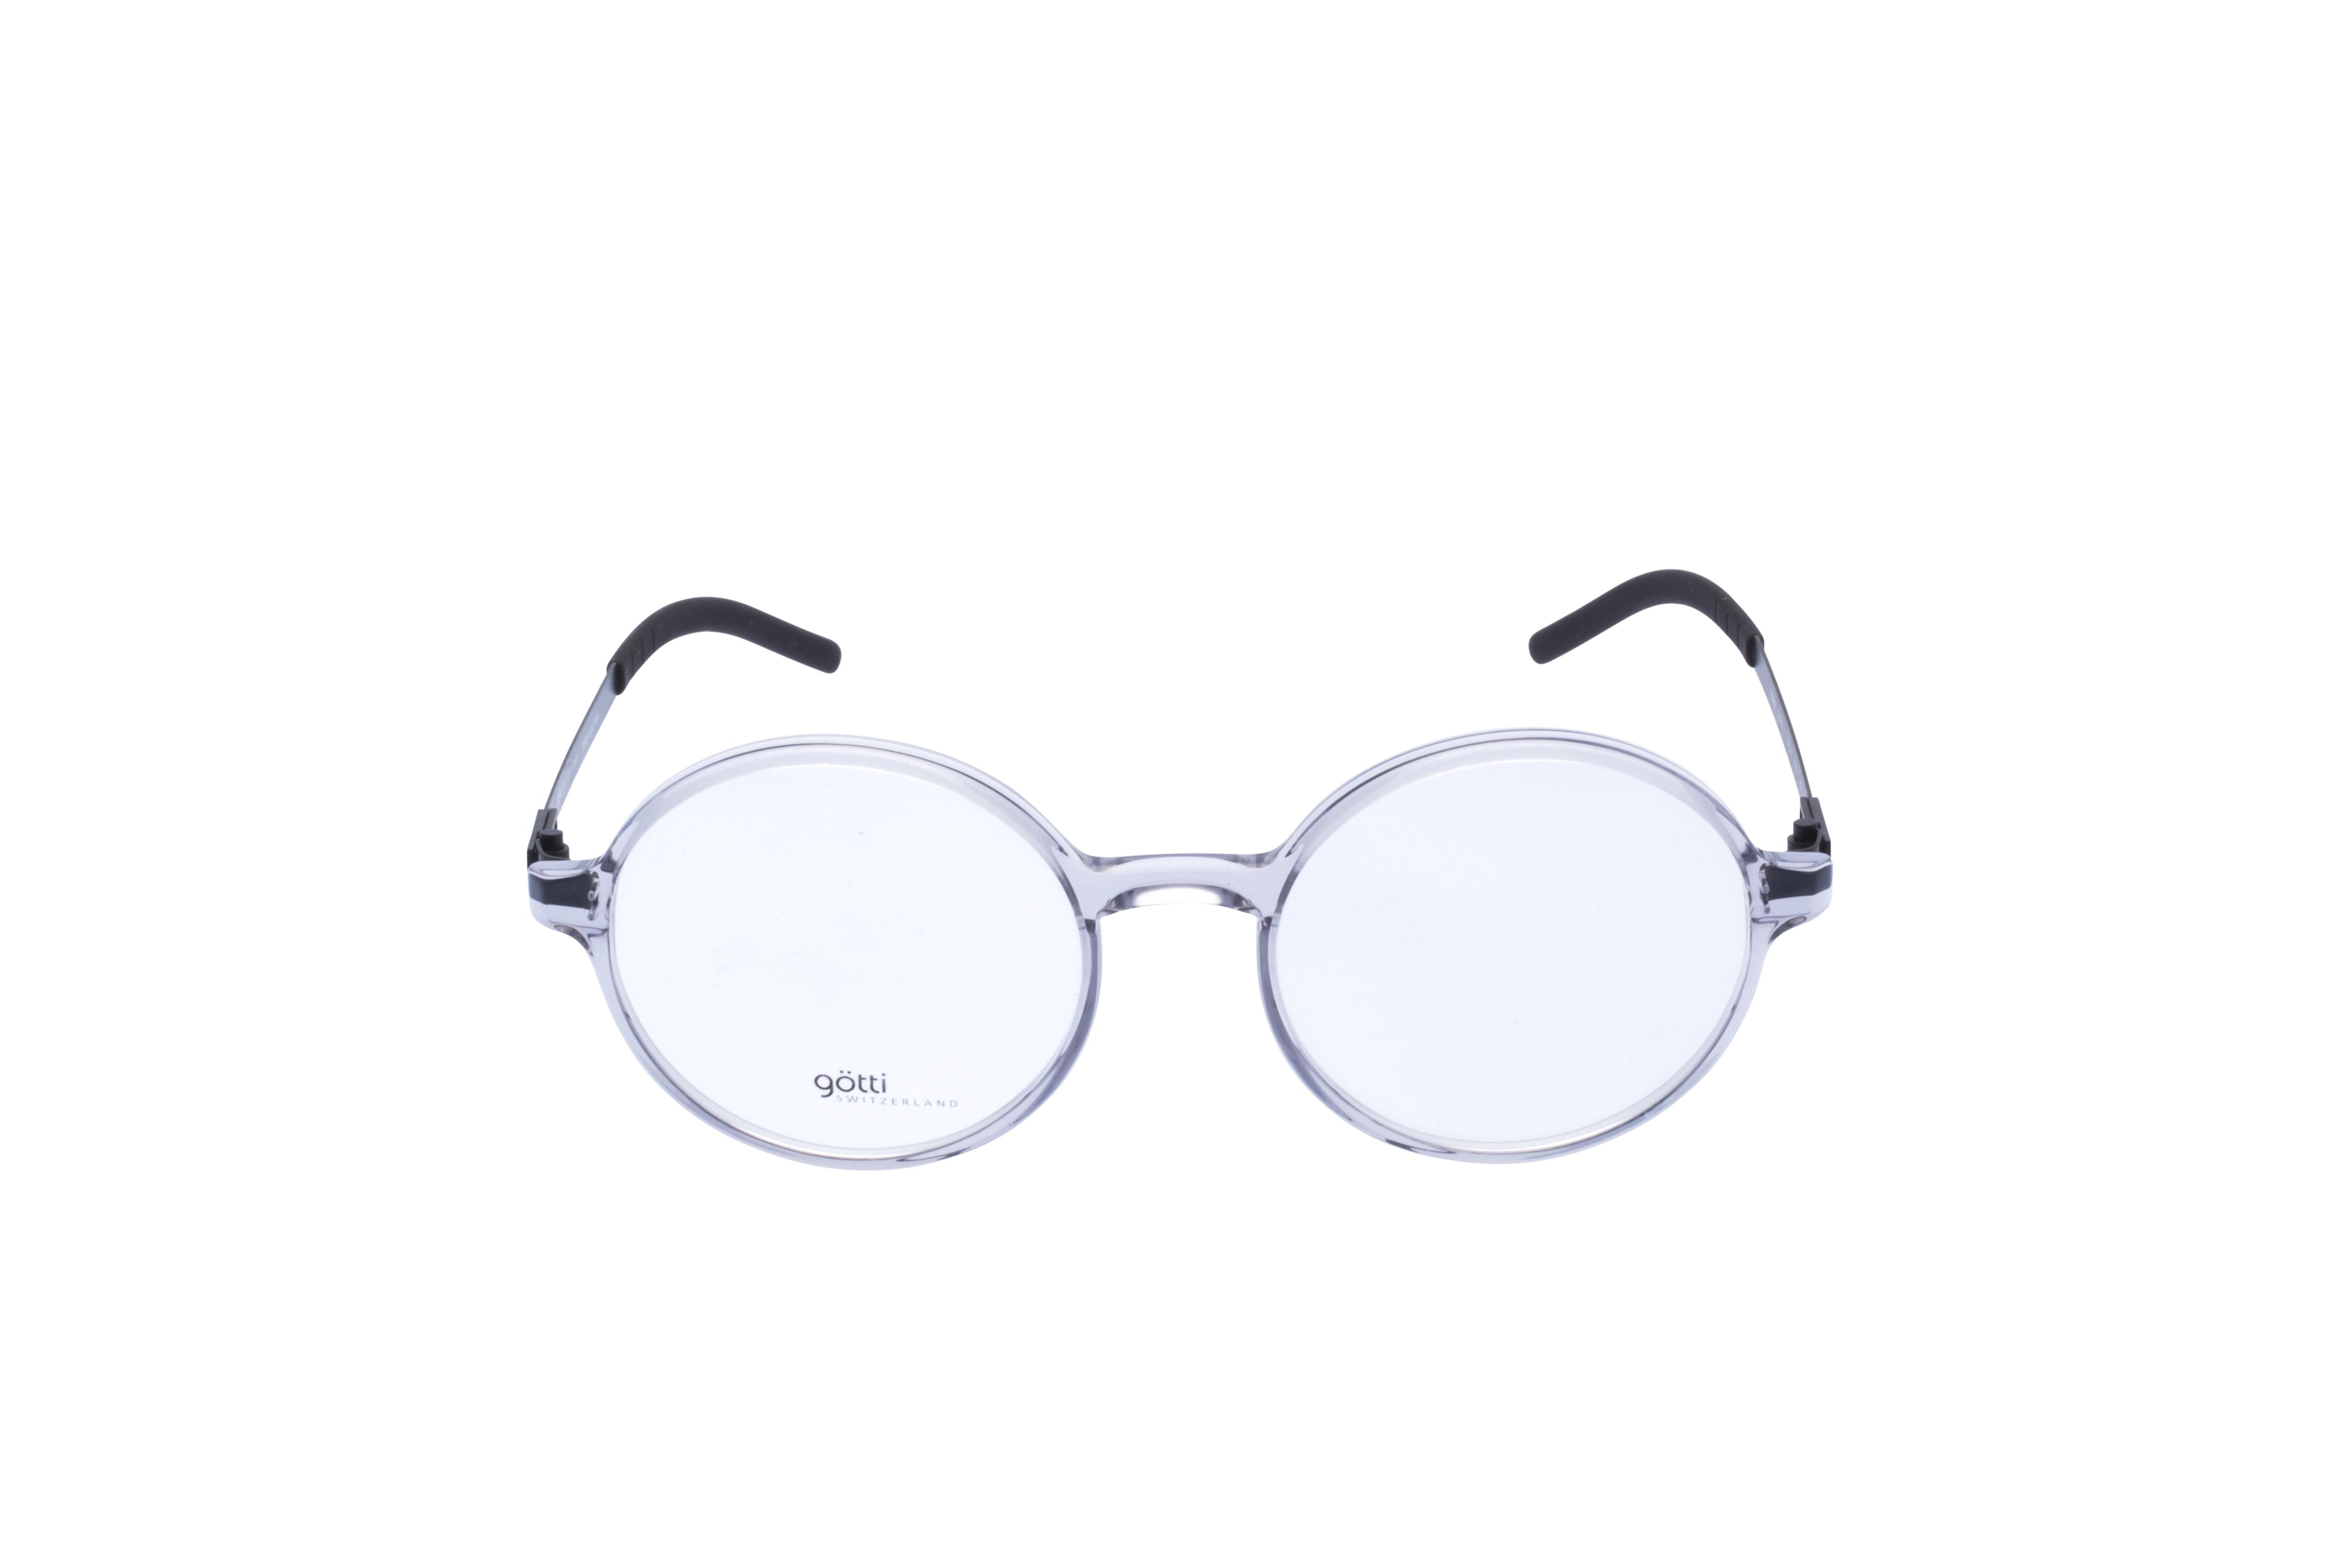 Götti Sedrin Frontansicht, Brille auf Weiß - Fassung bei KUNK